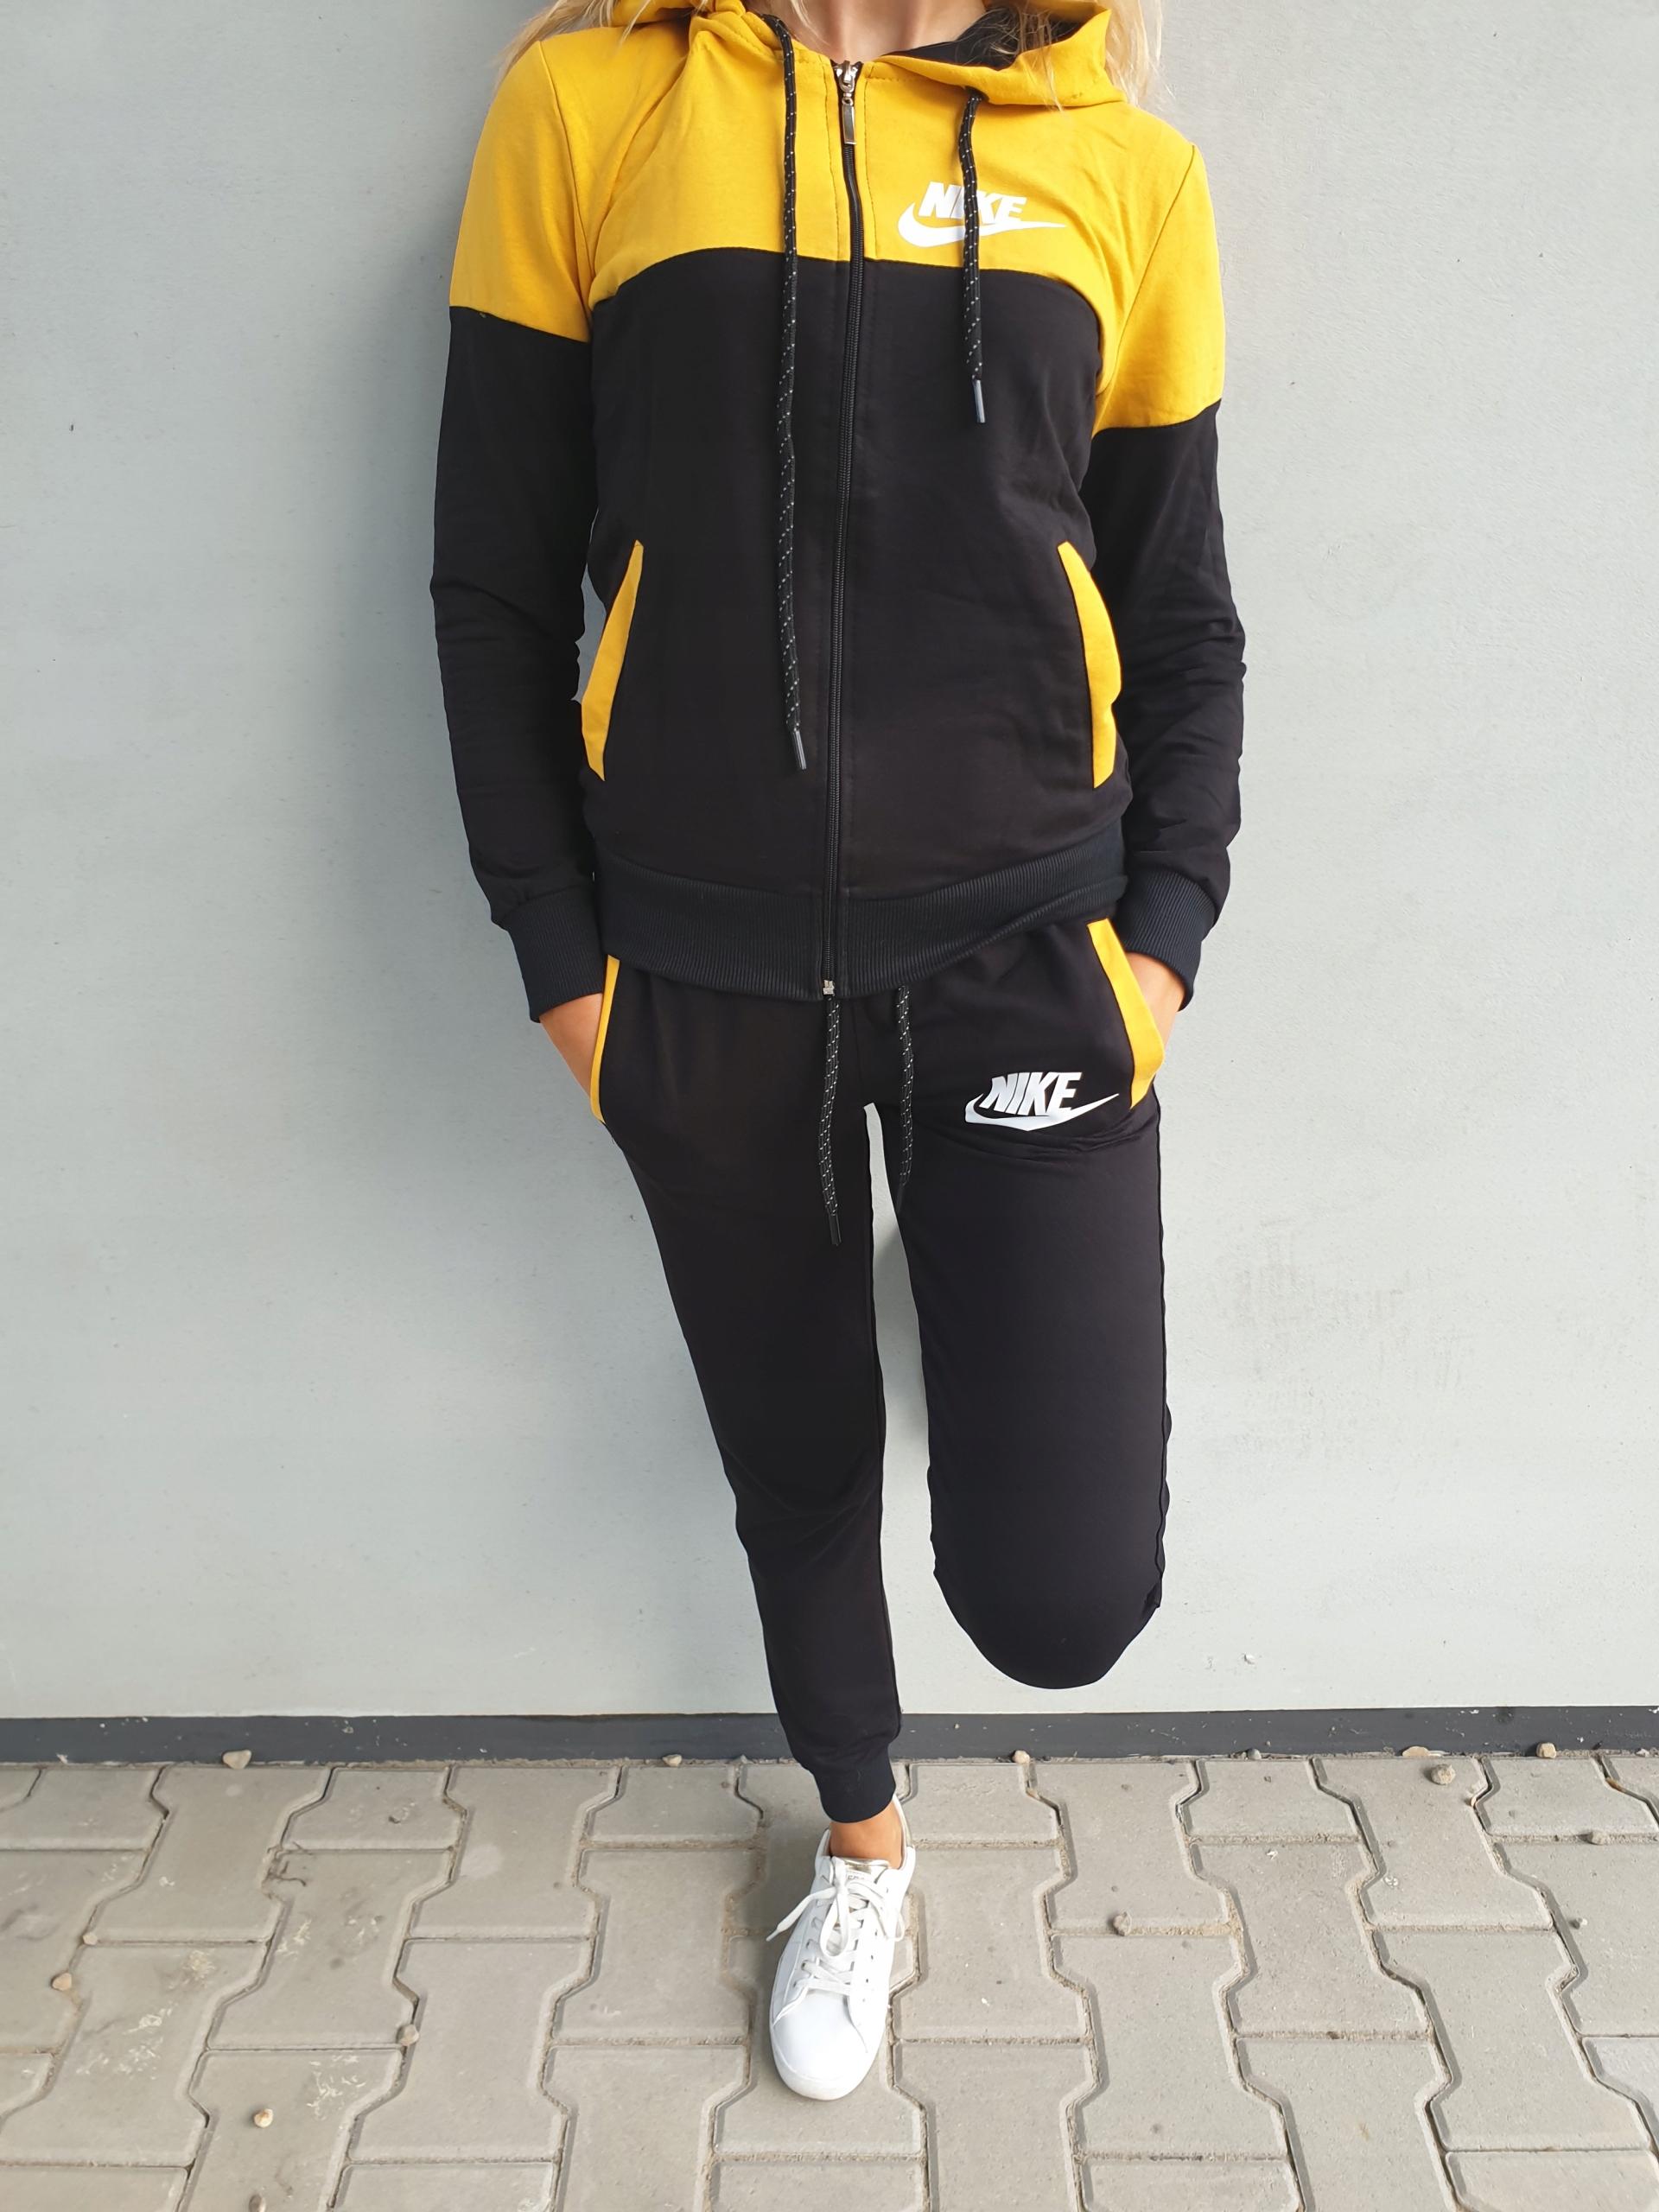 NOWY kobiecy i stylowy dres damski żółto-czarny S